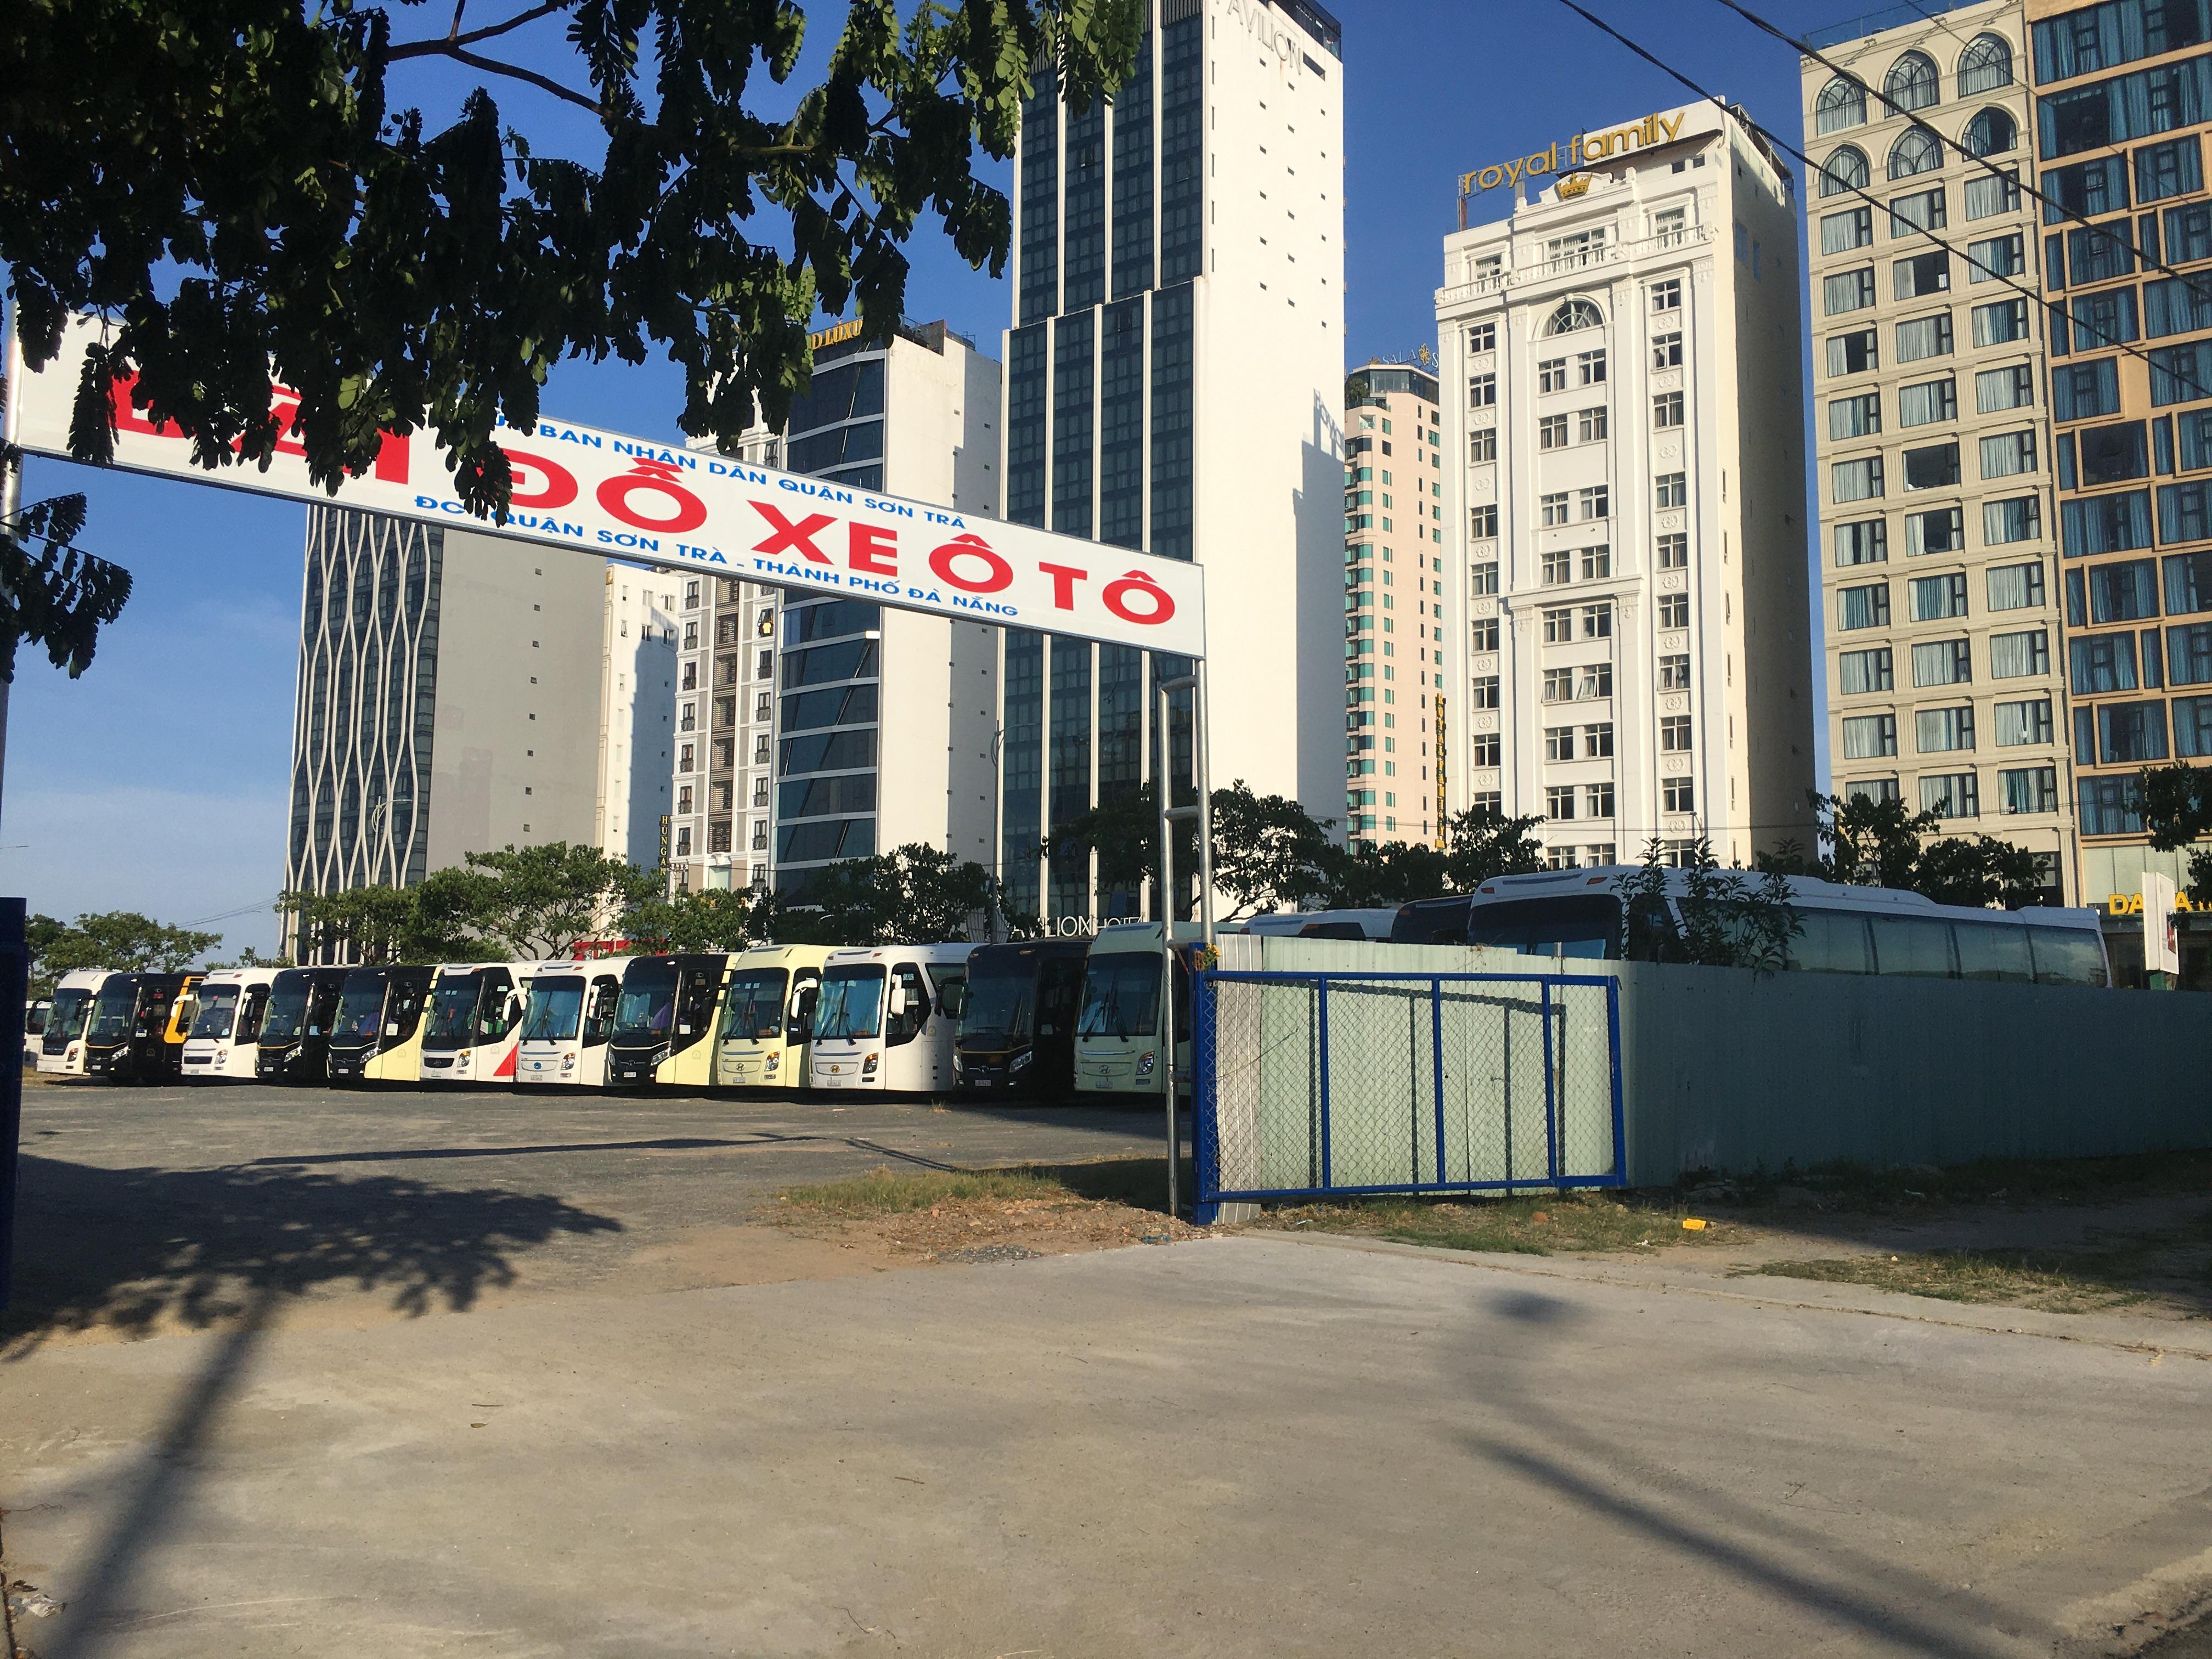 Cận cảnh khu đất ven biển Đà Nẵng sẽ đấu giá làm dự án Trung tâm tài chính, thương mại, casino 2 tỉ USD - Ảnh 6.